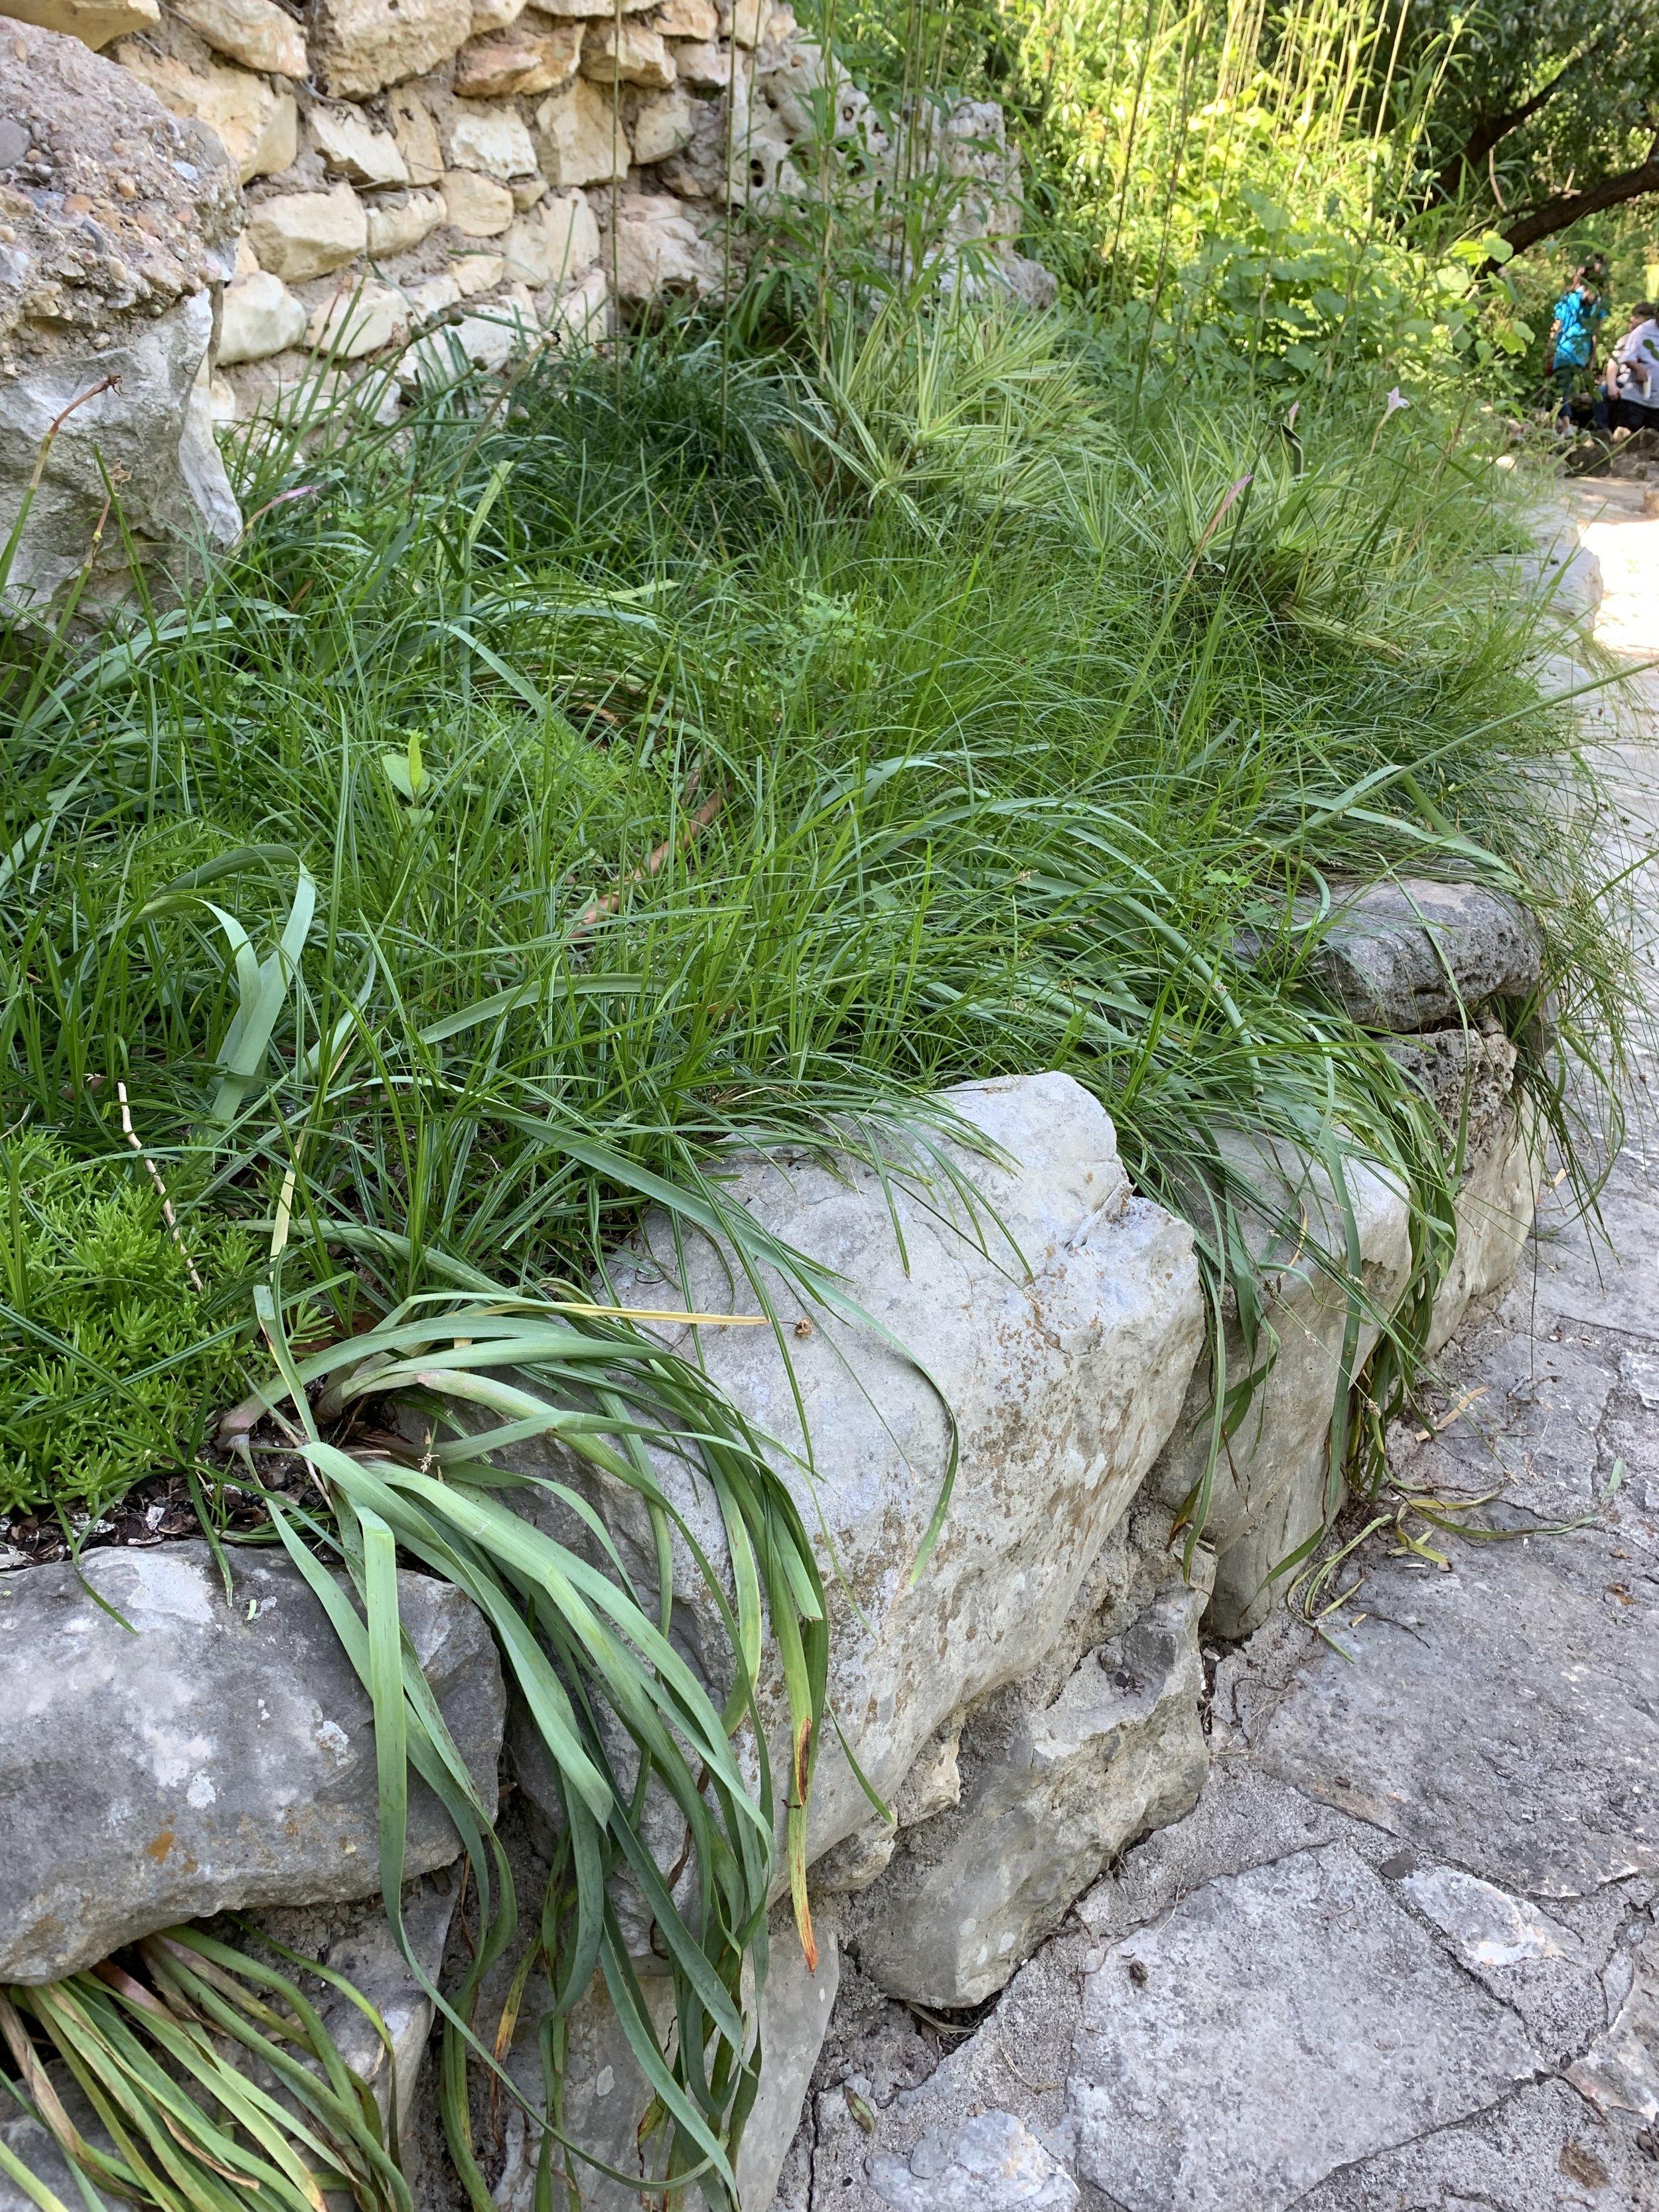 Rain lilies, asparagus fern, and grasses drape over a limestone edge.